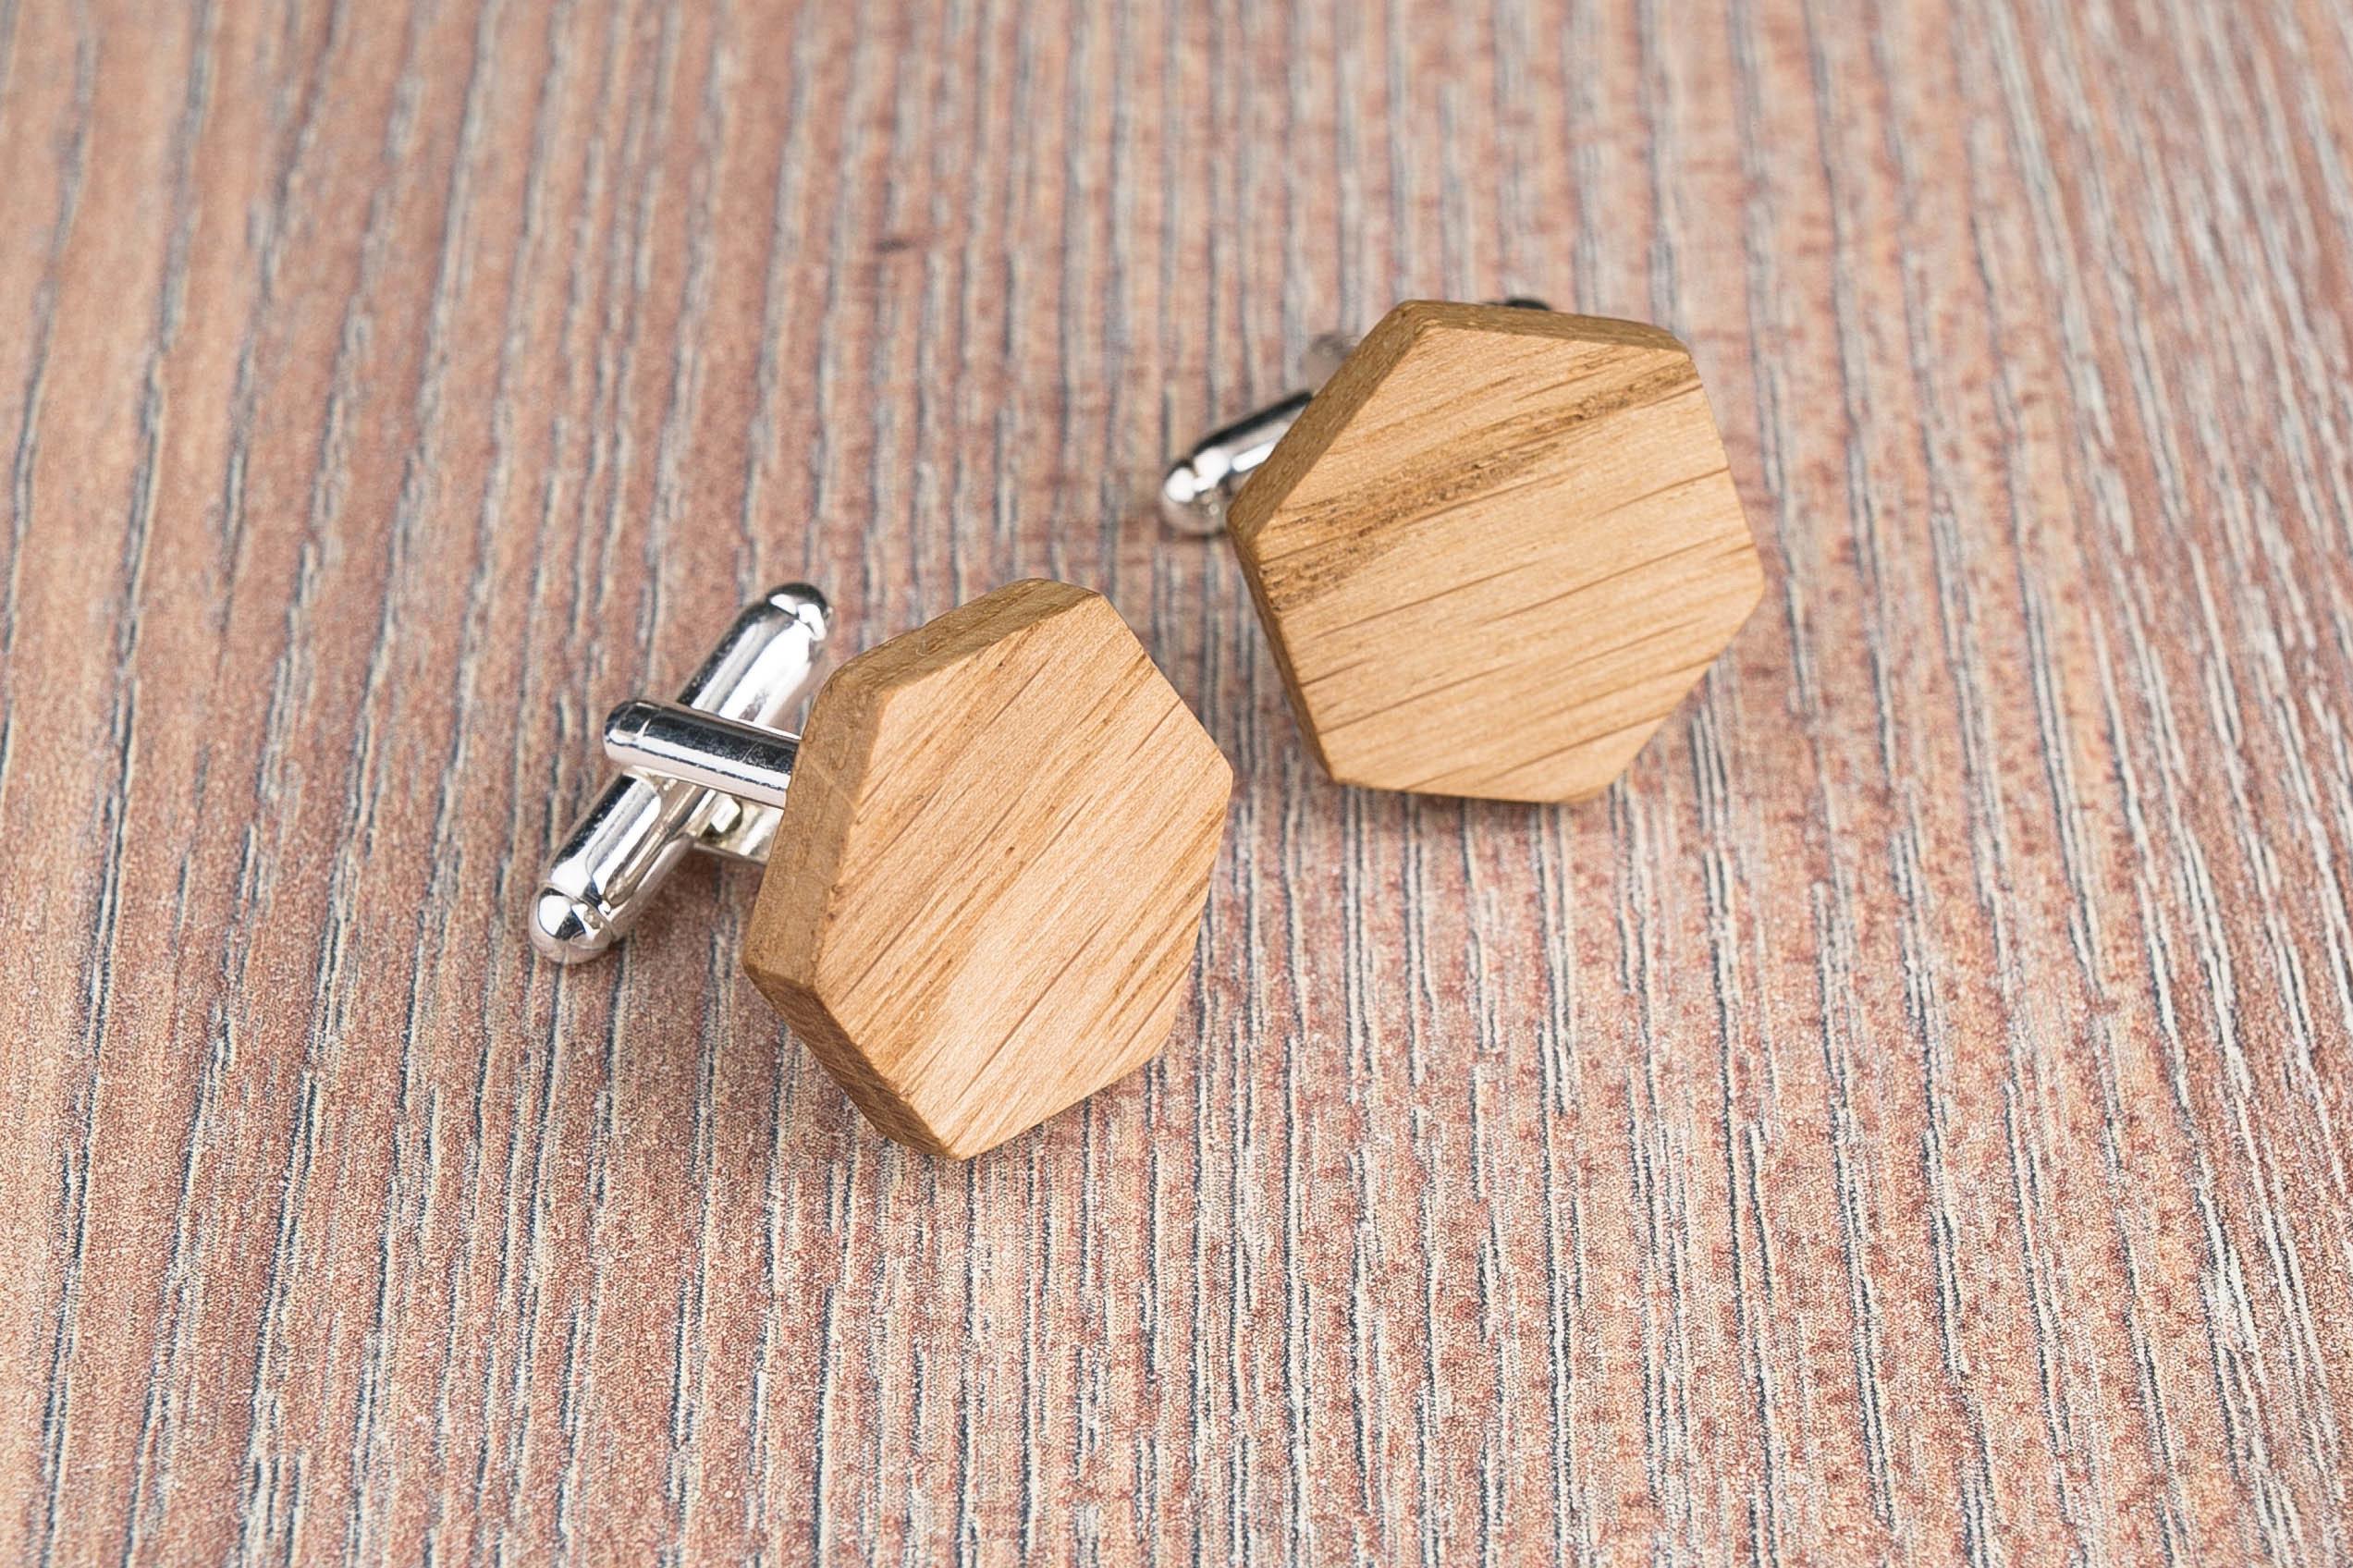 Комплект: Шестигранные запонки из дерева и Деревянный зажим для галстука. Массив дуба. Гравировка инициалов. Упаковка в комплекте